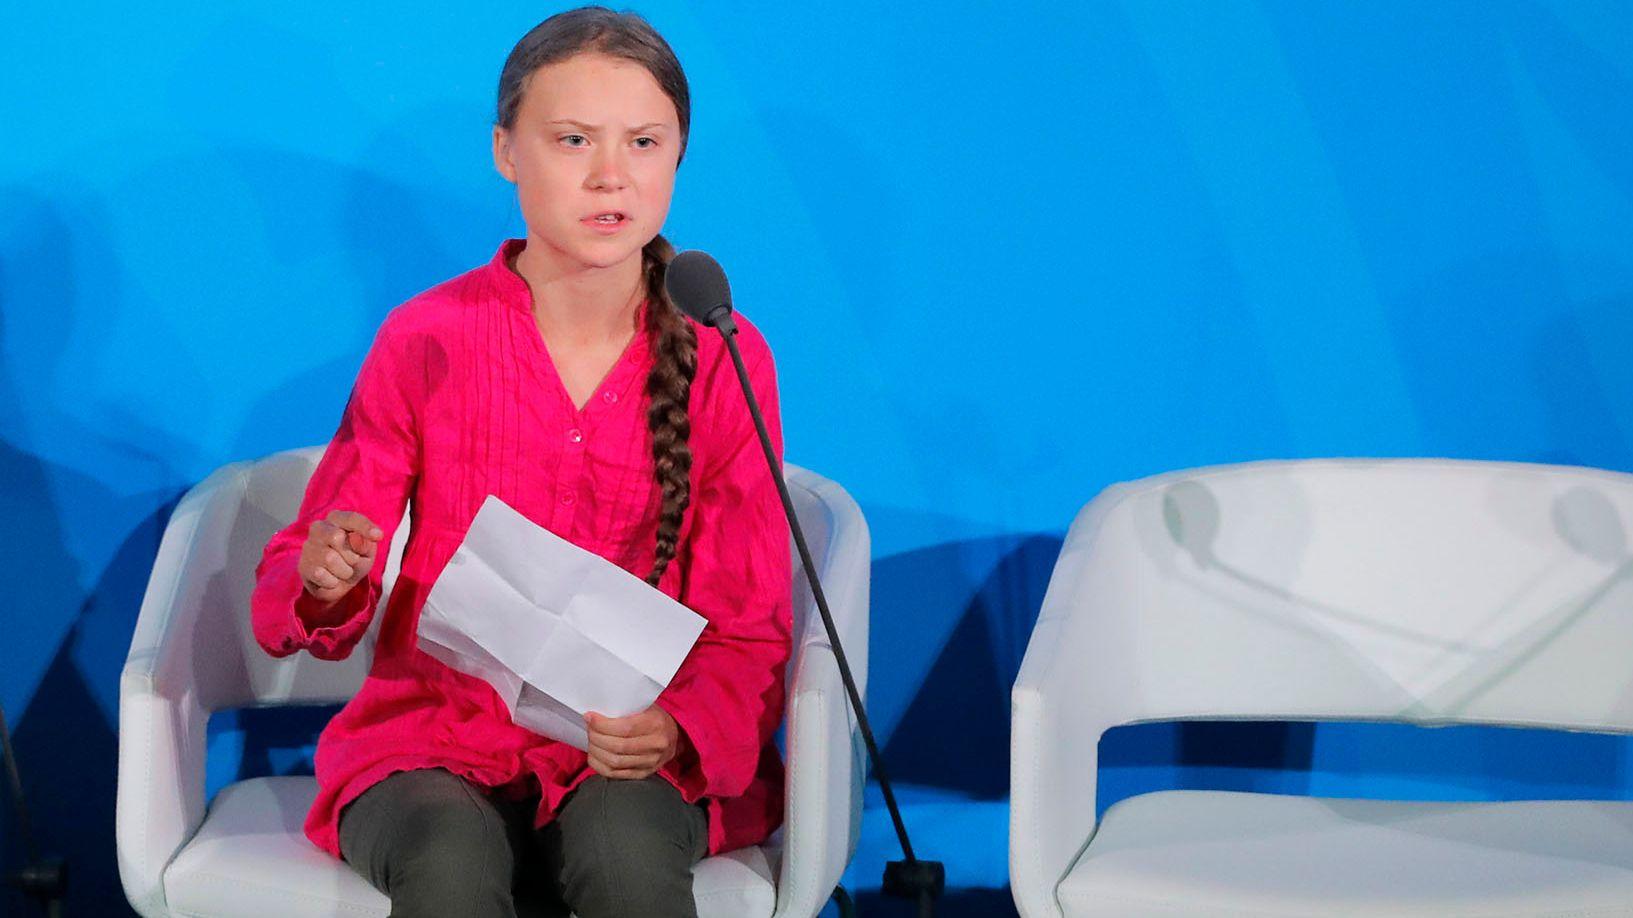 La joven Greta Thunberg de 16 años habla ante Naciones Unidas con un duro discurso medioambiental REUTERS/Lucas Jackson